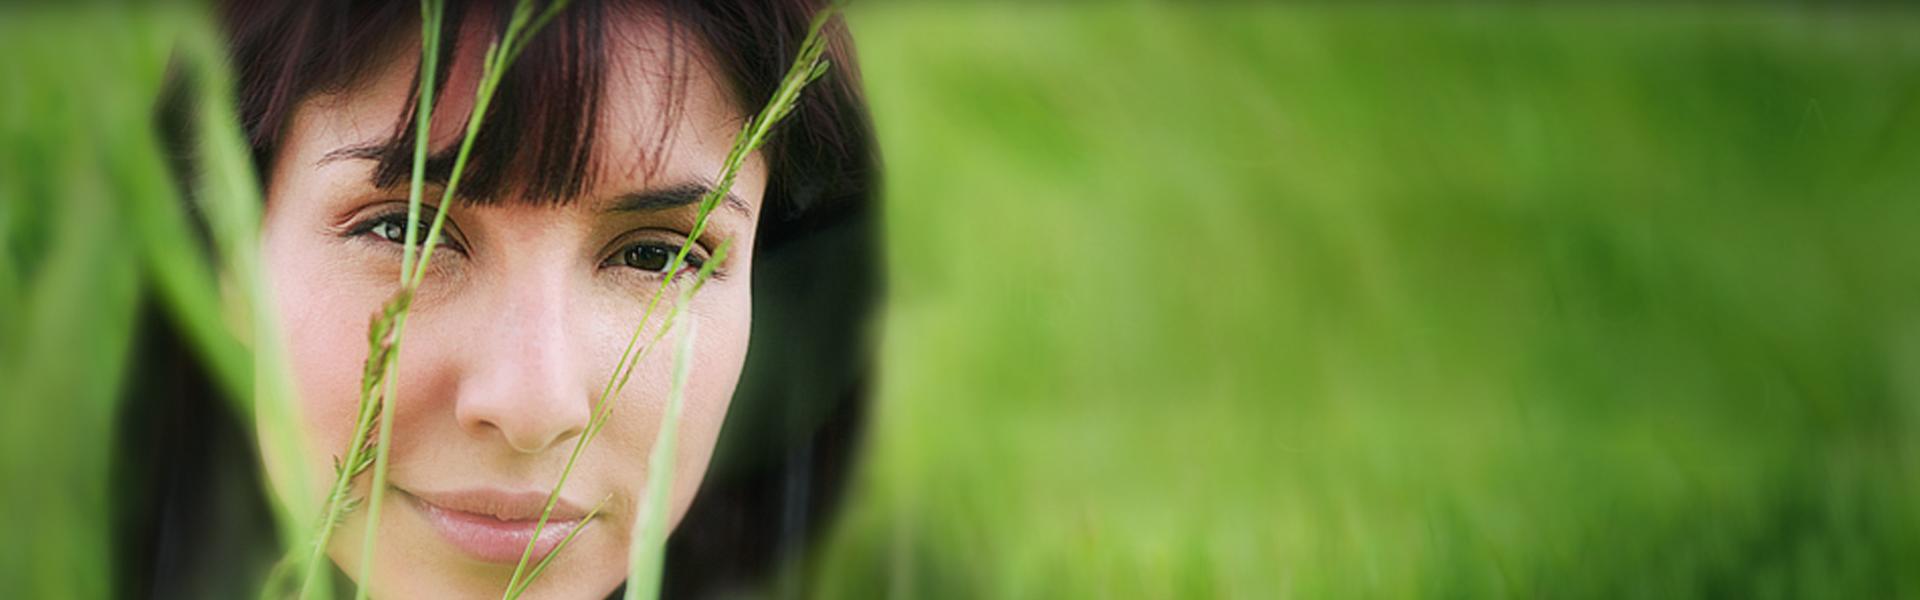 DCG - Kvinna i gräs